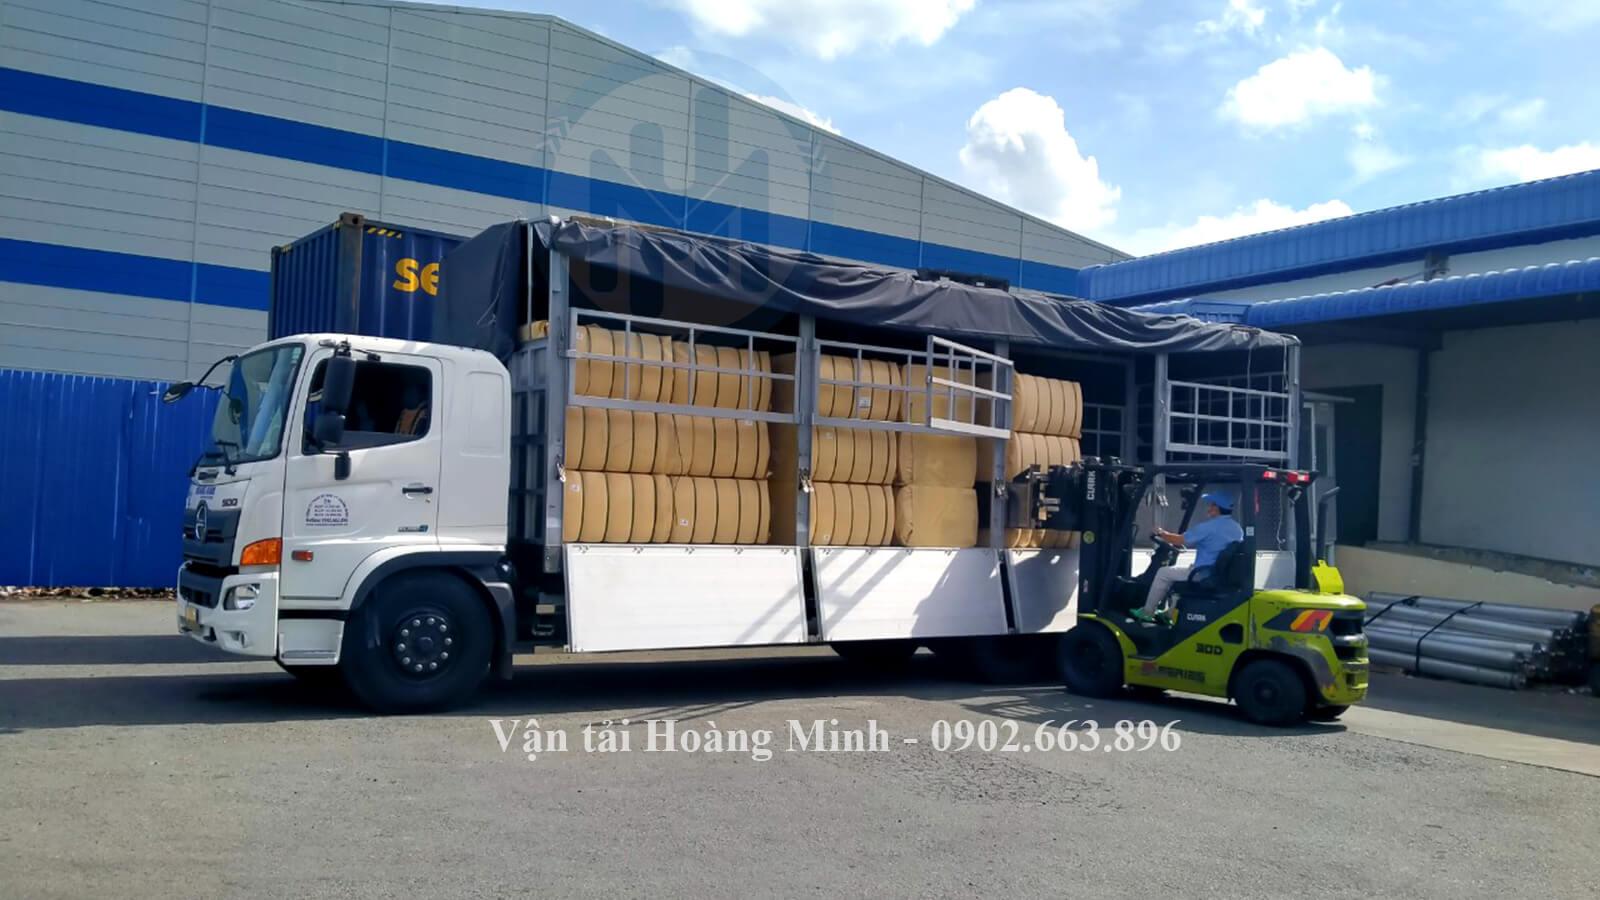 Chọn thuê xe tải chở hàng của chúng tôi, quý khách sẽ nhận được lợi ích gì